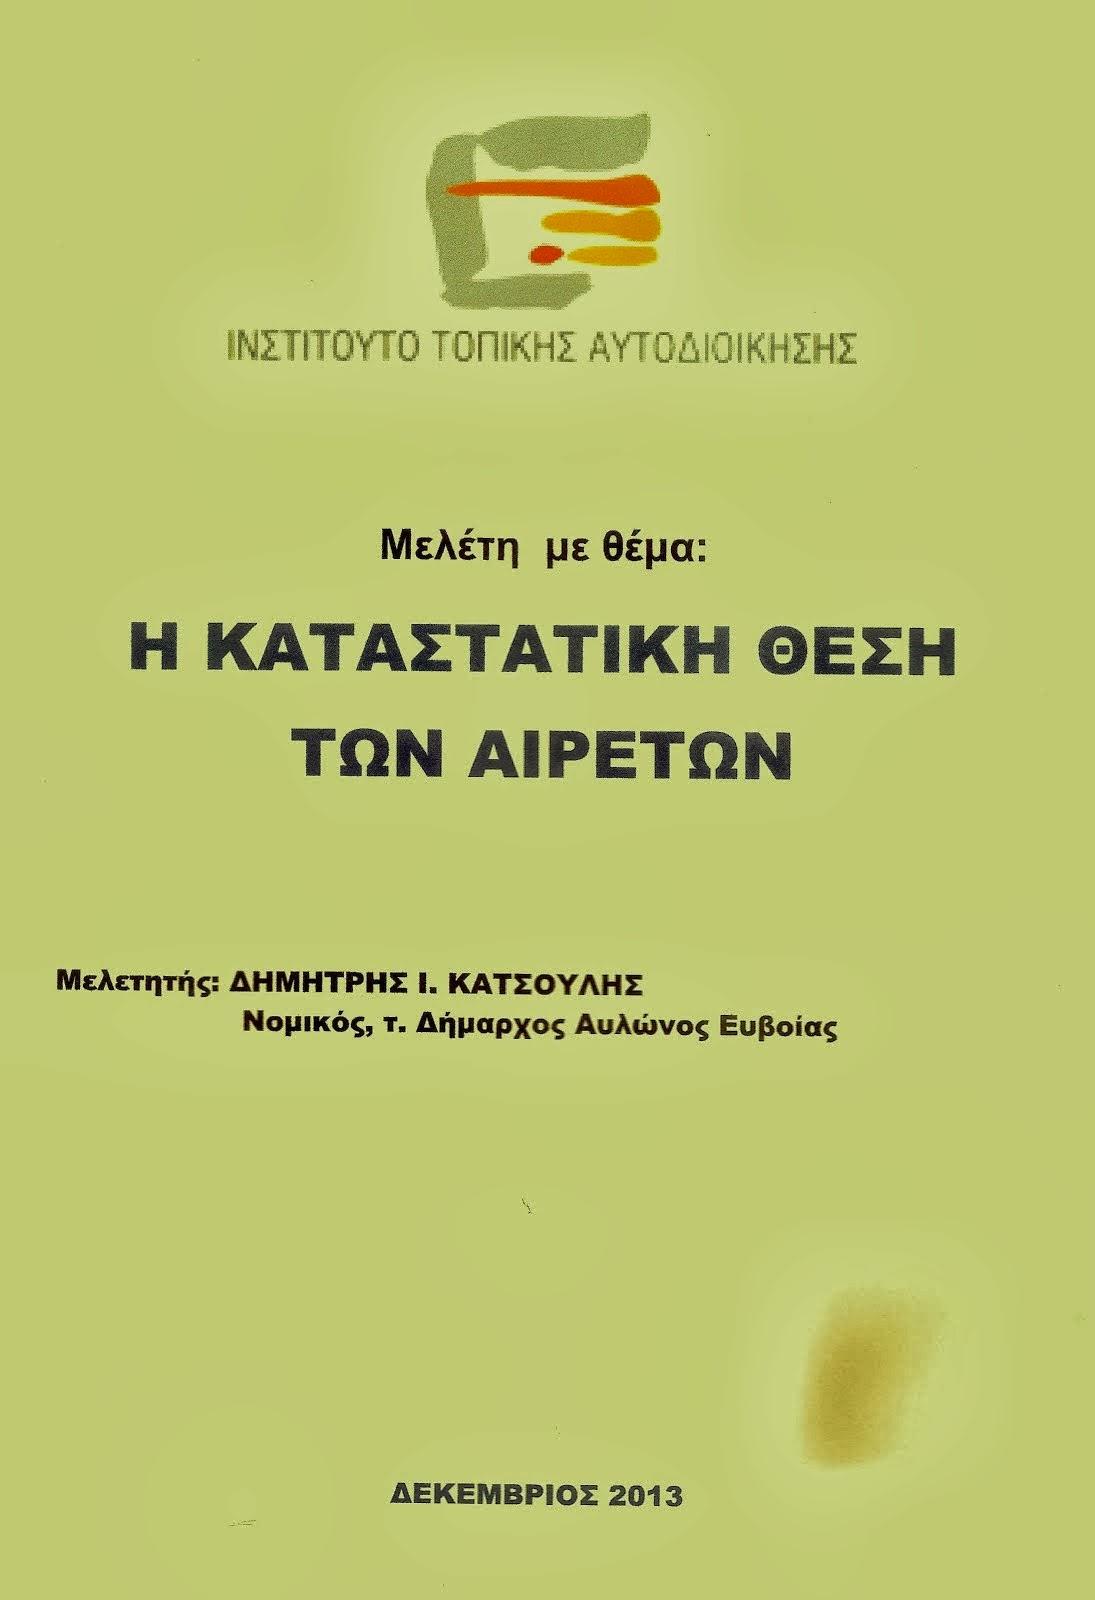 http://www.ita.org.gr/library/downloads/Docs//meleti%20gia%20tin%20katastatiki%20thei%20tvn%20airetvn.pdf